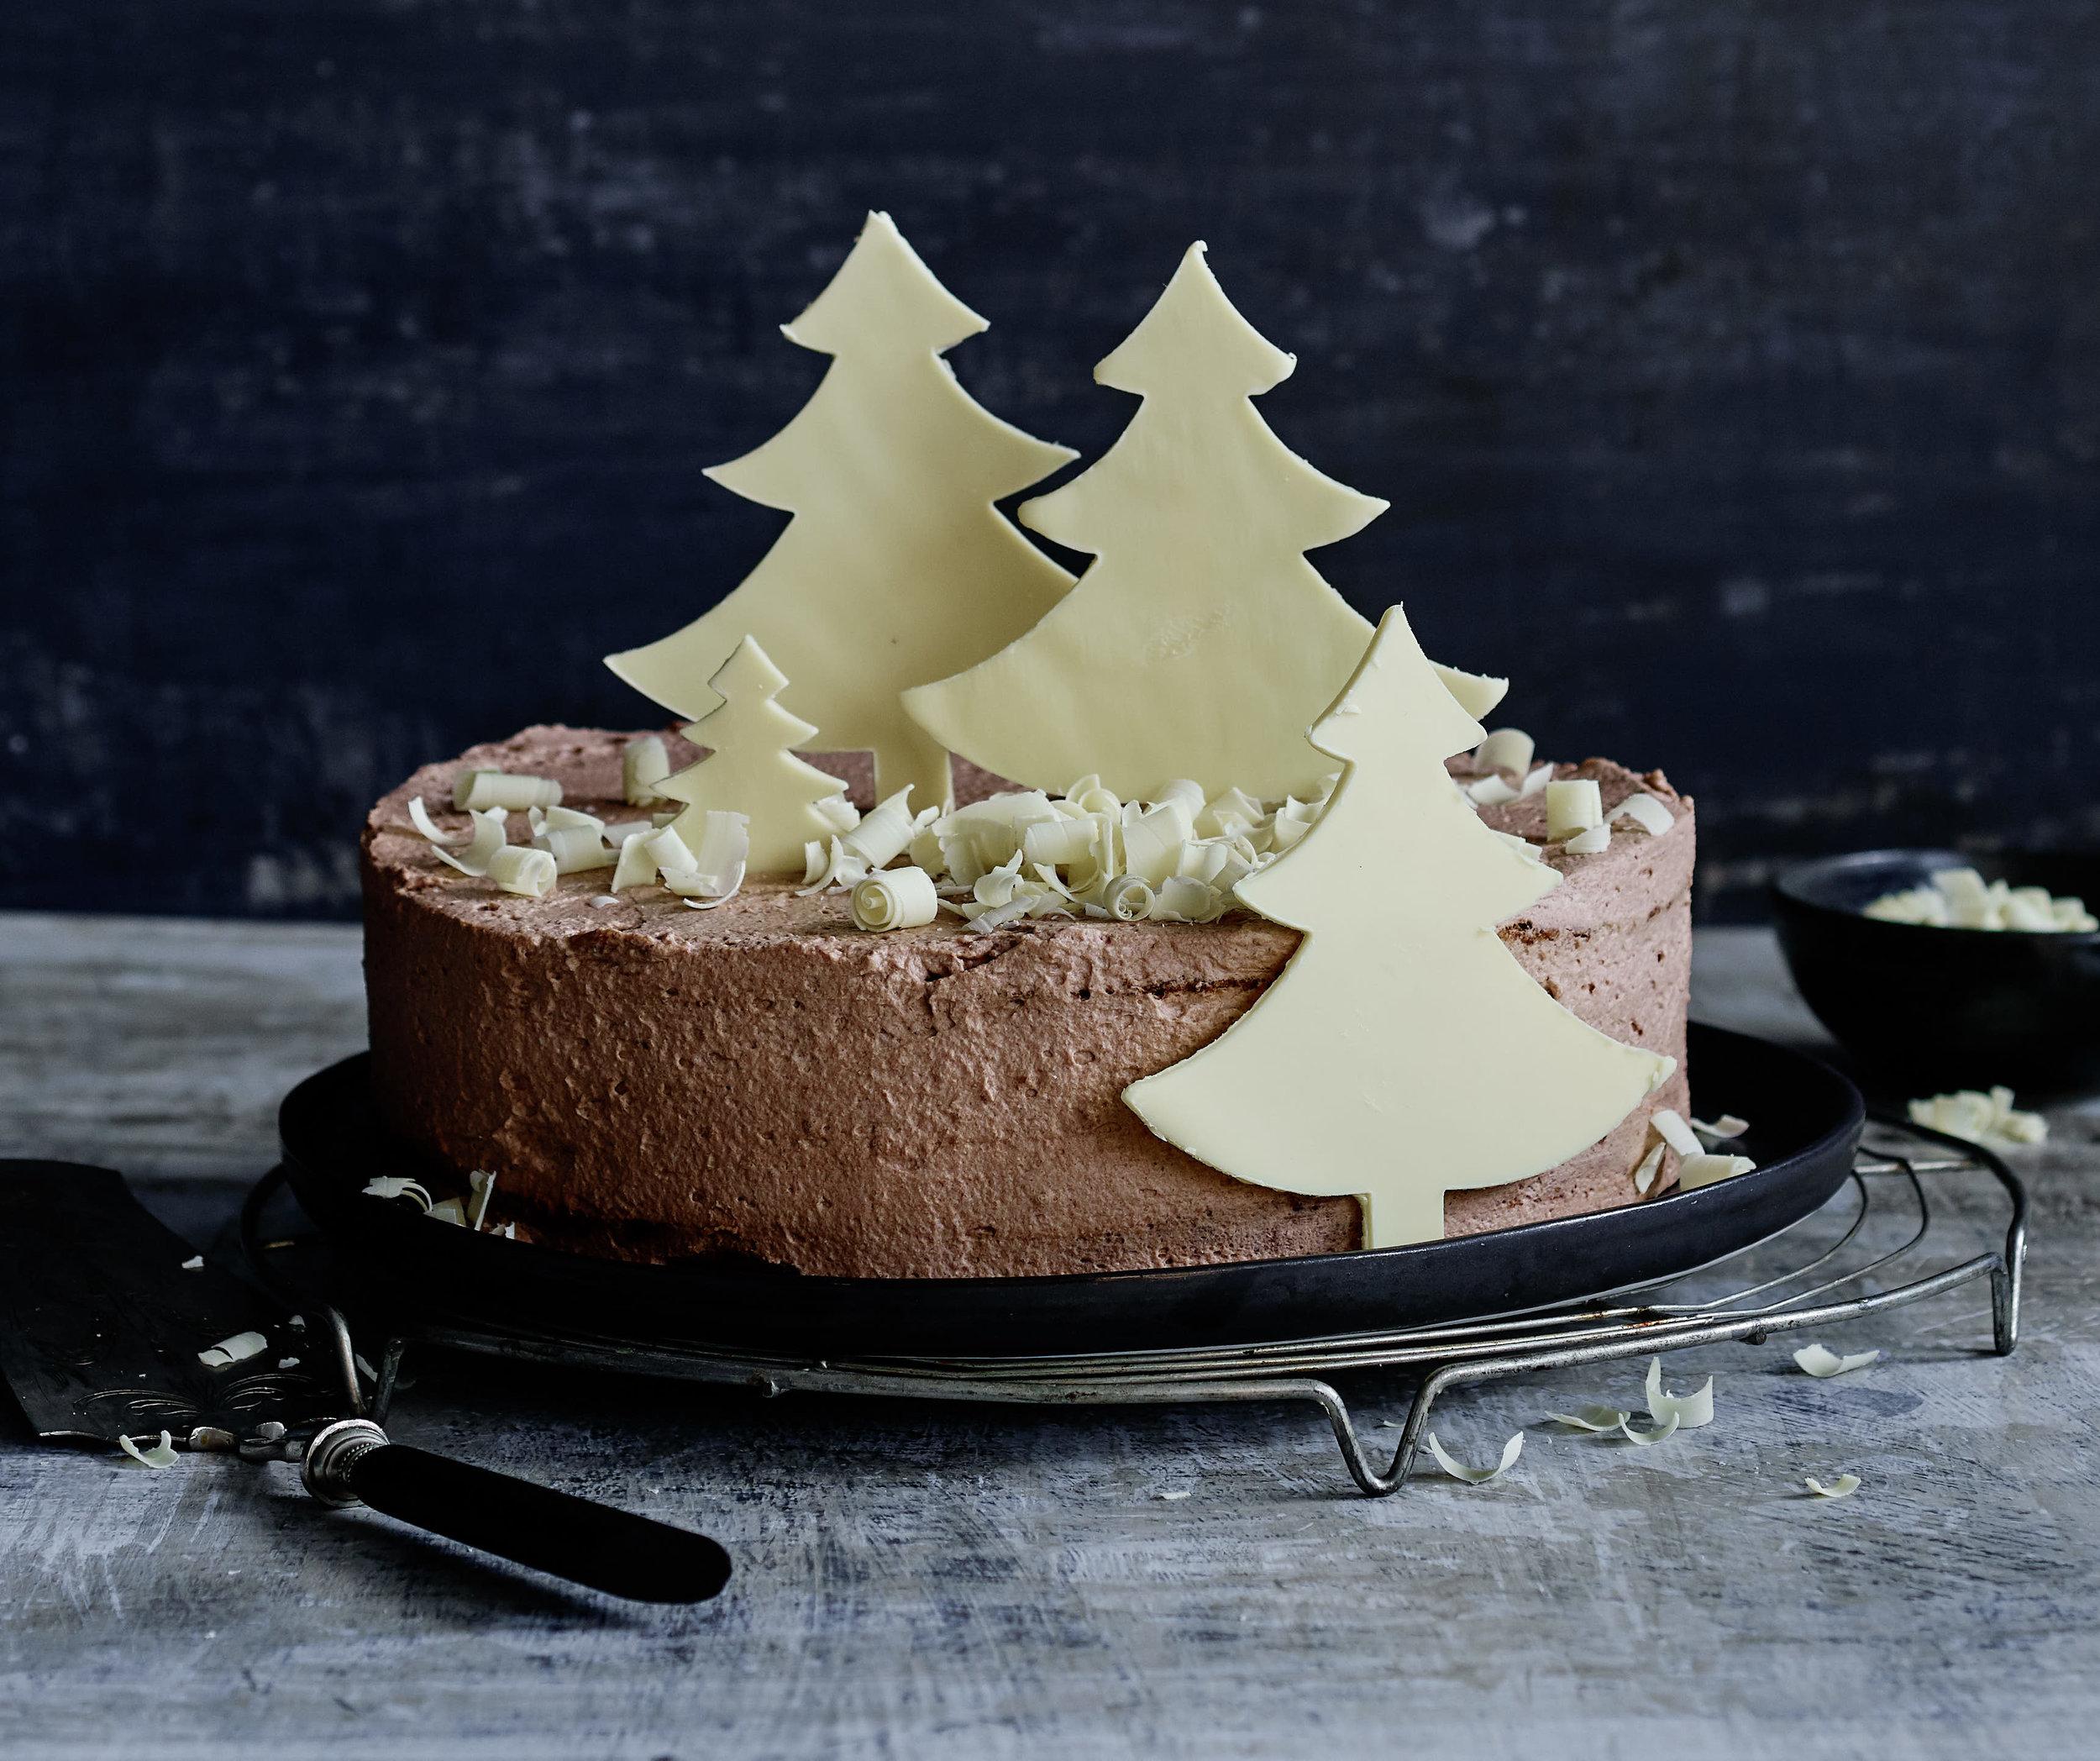 Verschneite Schwarzwälder Torte.jpg